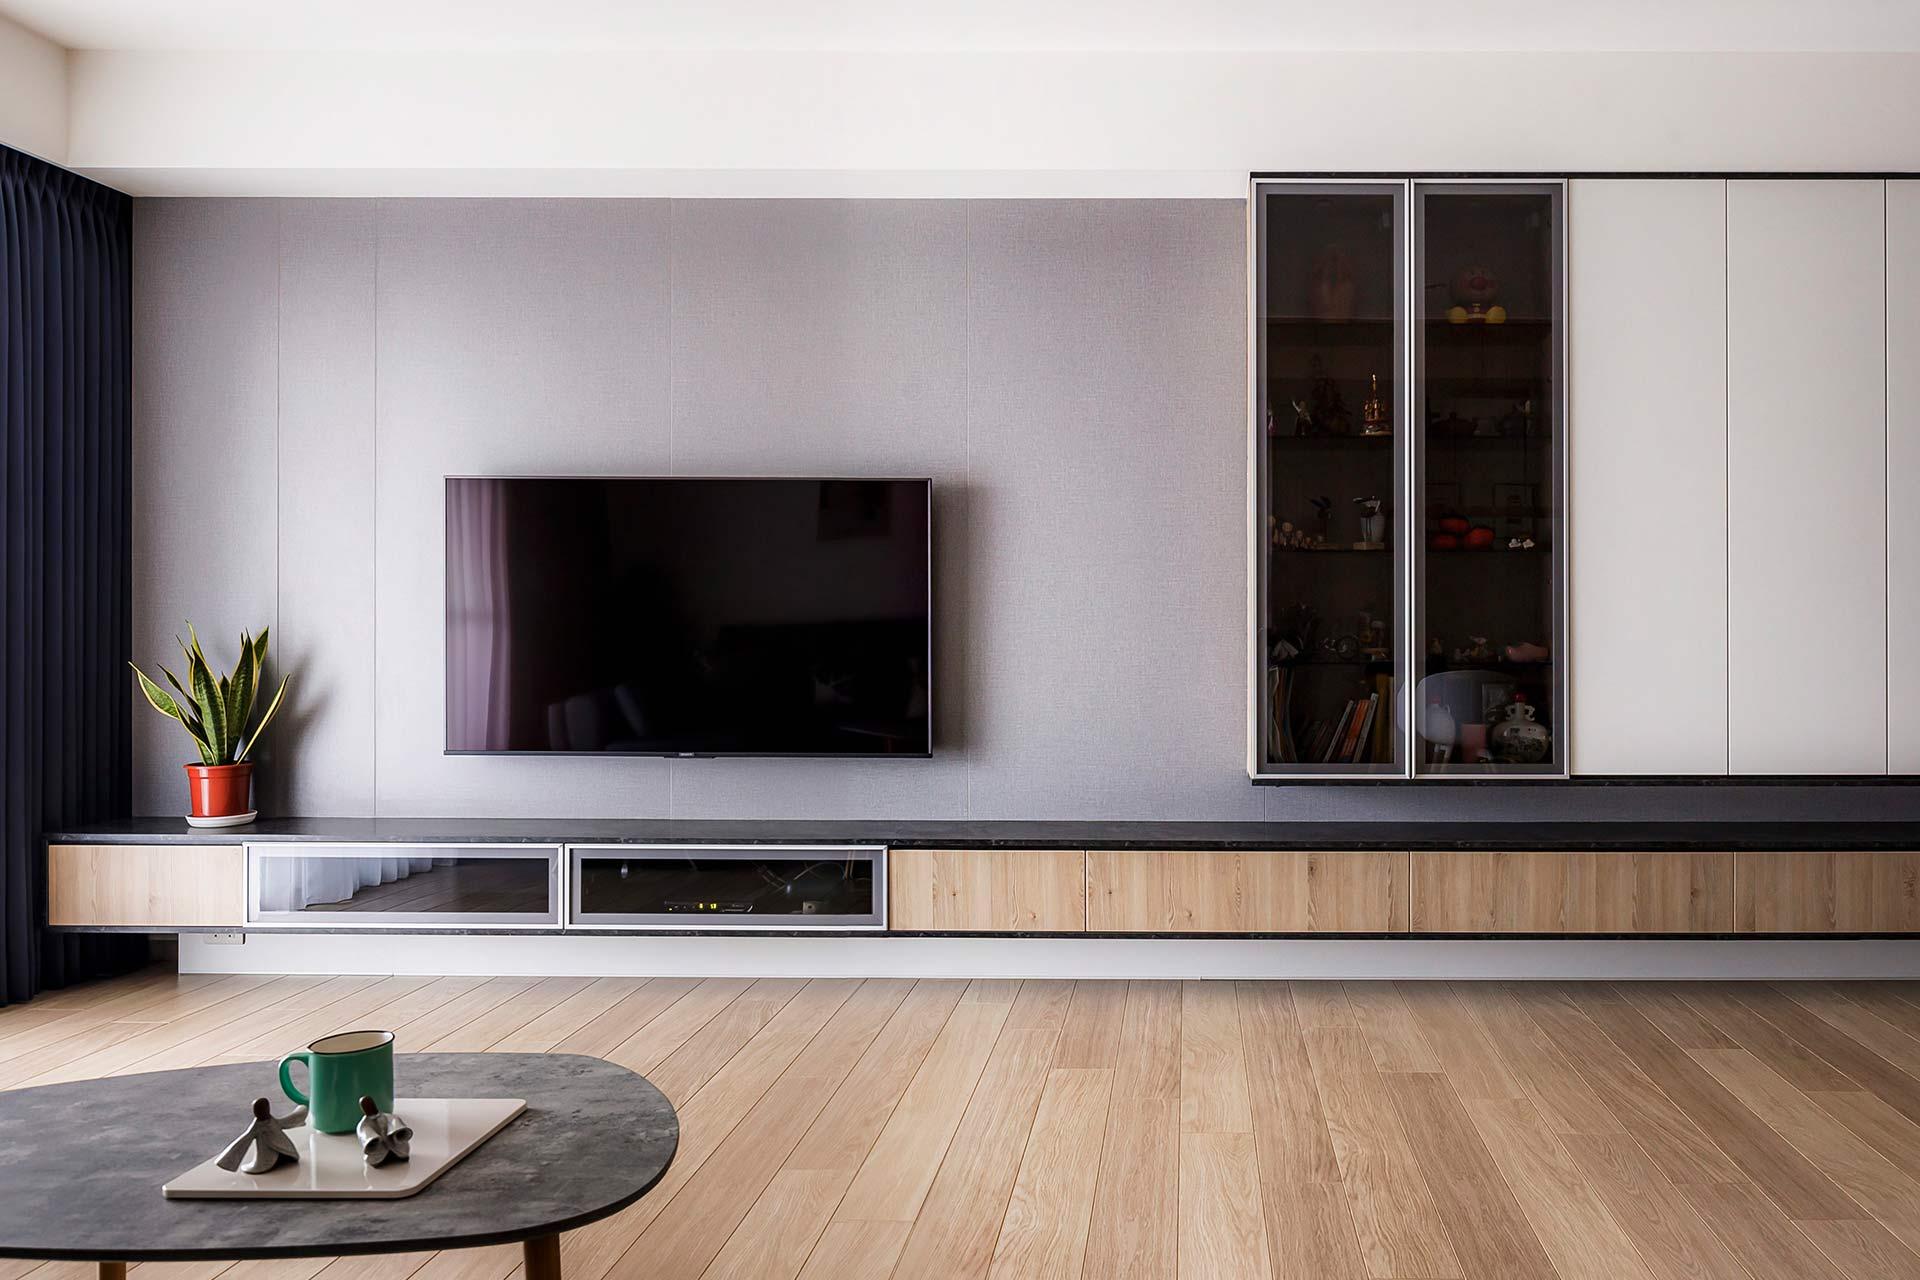 靜謐無印風沉穩而溫潤,室內設計案例